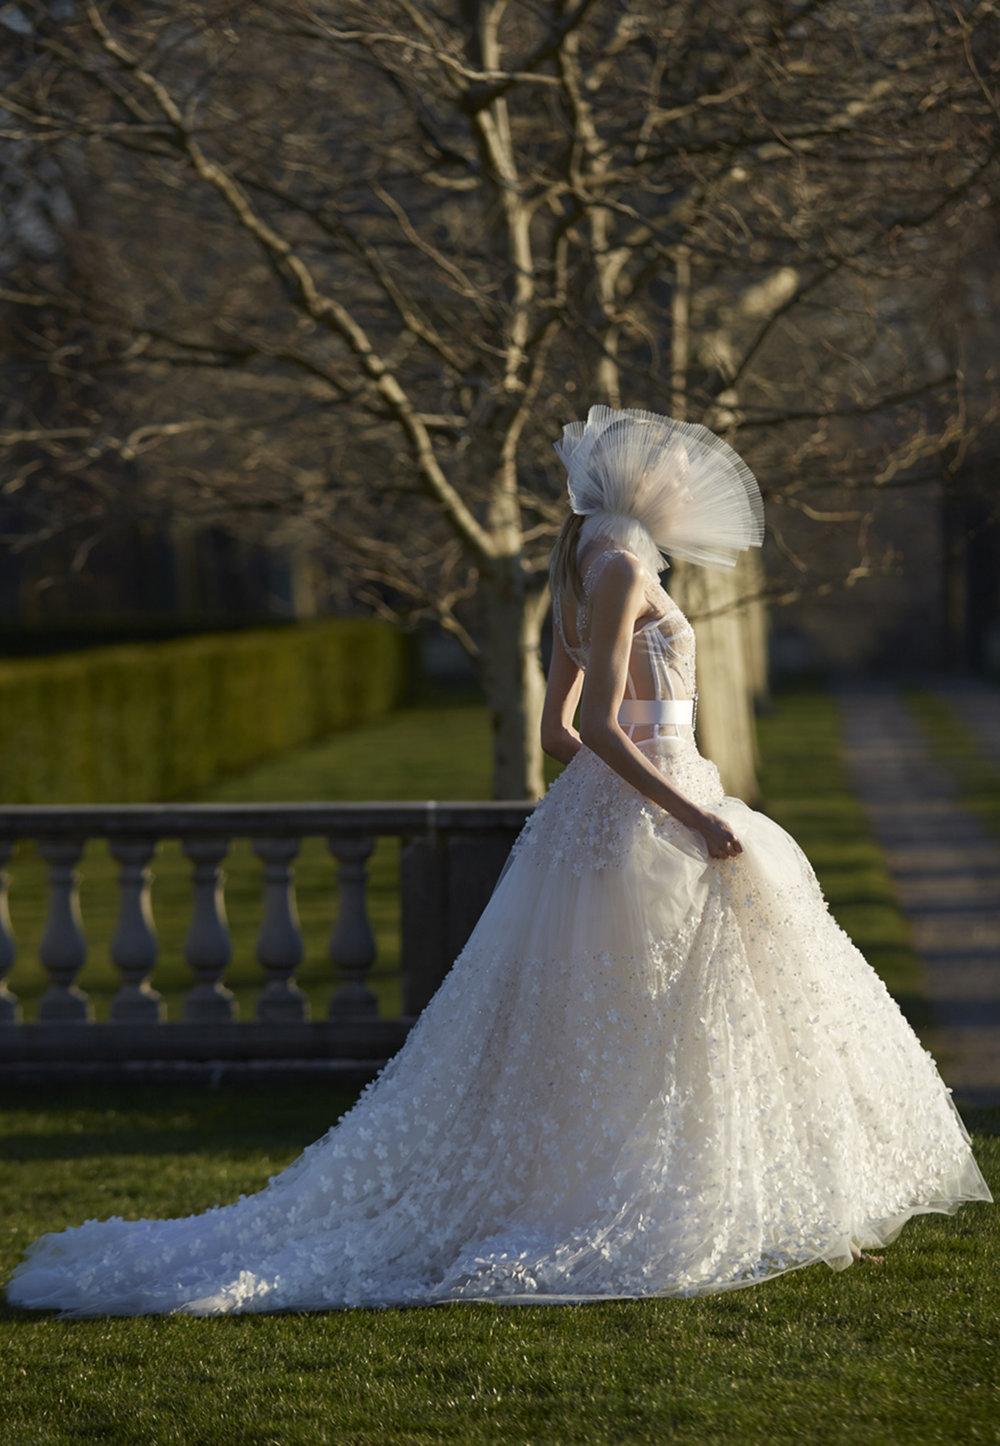 Season: Spring 2017    Gown name: Viola 露肩领口/桃心形领公主大裙剪裁婚纱    Description: 露肩领口/桃心形领公主大裙剪裁婚纱礼服,强调结构式的透视紧身马甲衣 ,呈现了前卫与时尚的唯美浪漫。肩上与裙摆如星辰般满布的立体手工花卉,如闪耀的繁 星让整个造型蒙上一层时尚的糖霜。拍摄婚照和晚宴婚礼都显得极美。